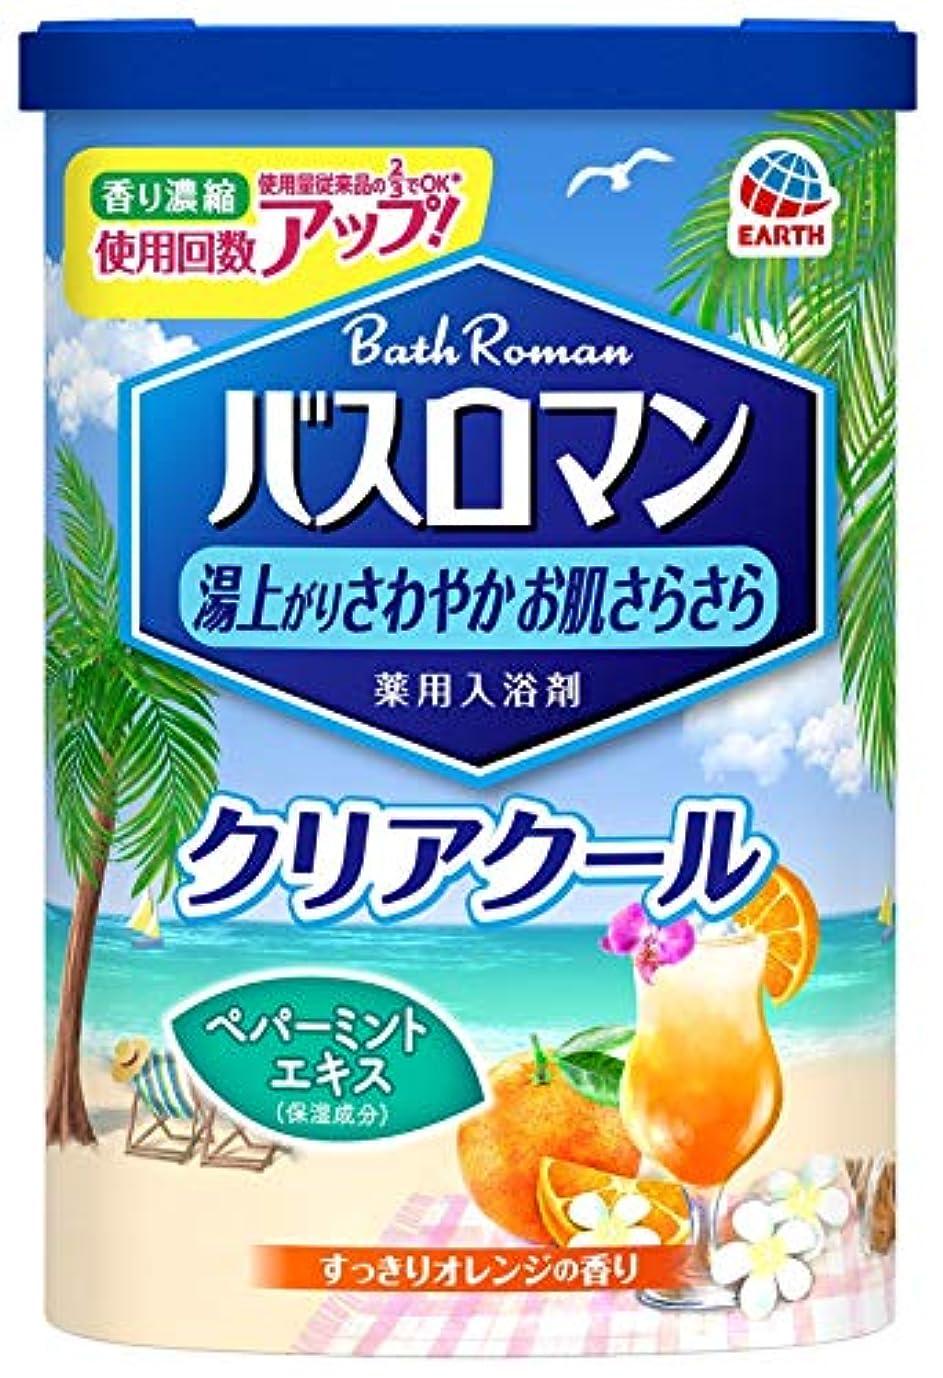 ハッチ忠誠きしむ【医薬部外品】バスロマン 入浴剤 クリアクール [600g]